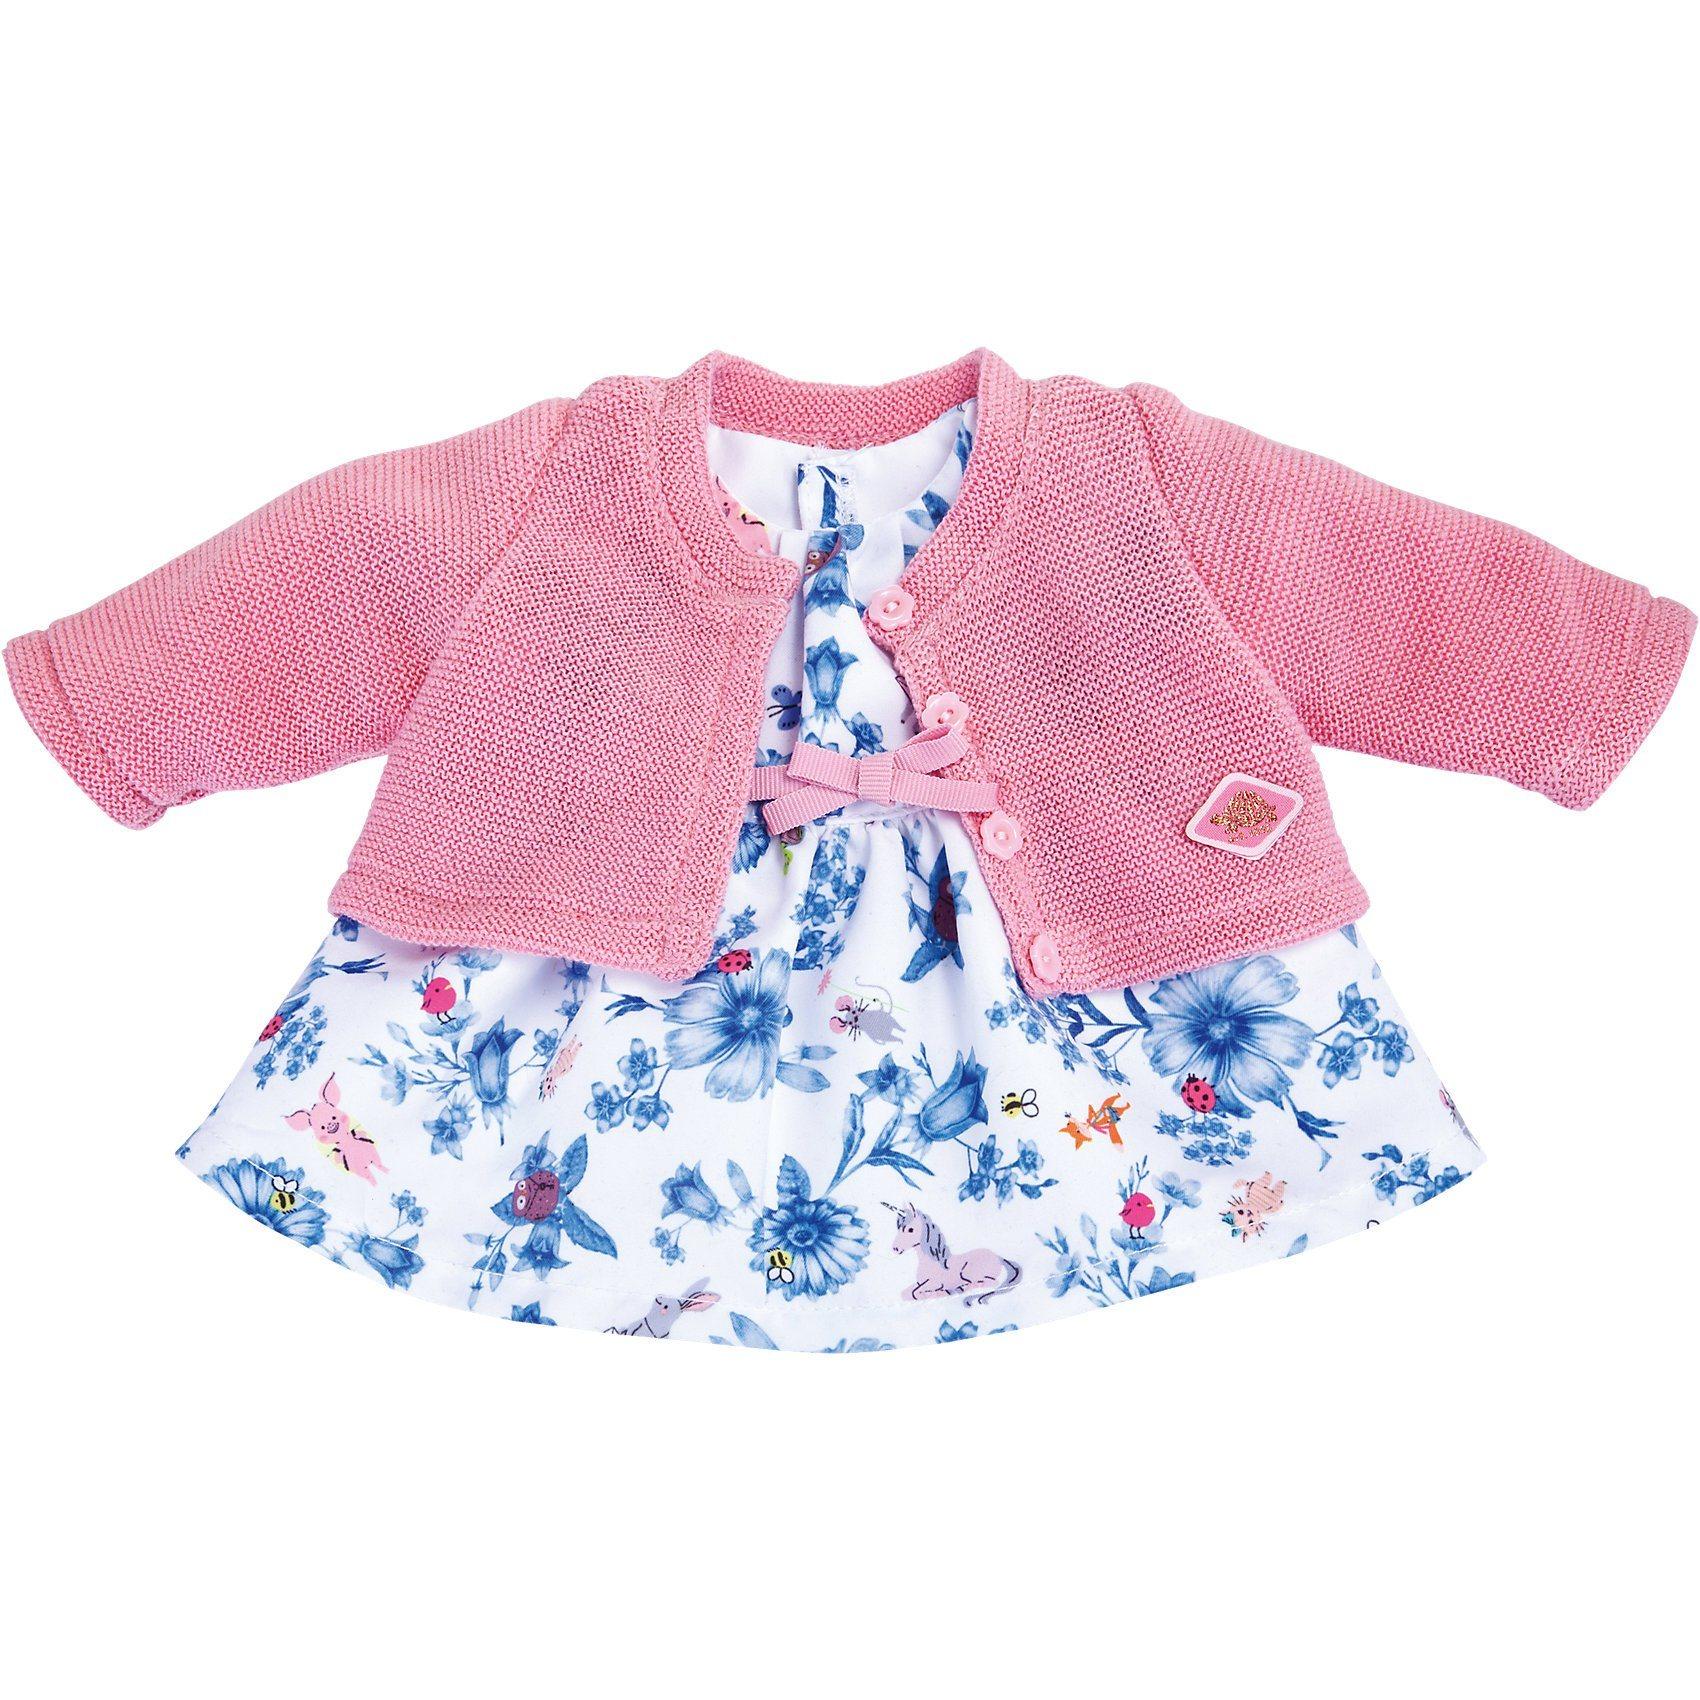 Schildkröt Puppenbekleidung 2 in 1 Kleid mit Jacke, 36 cm